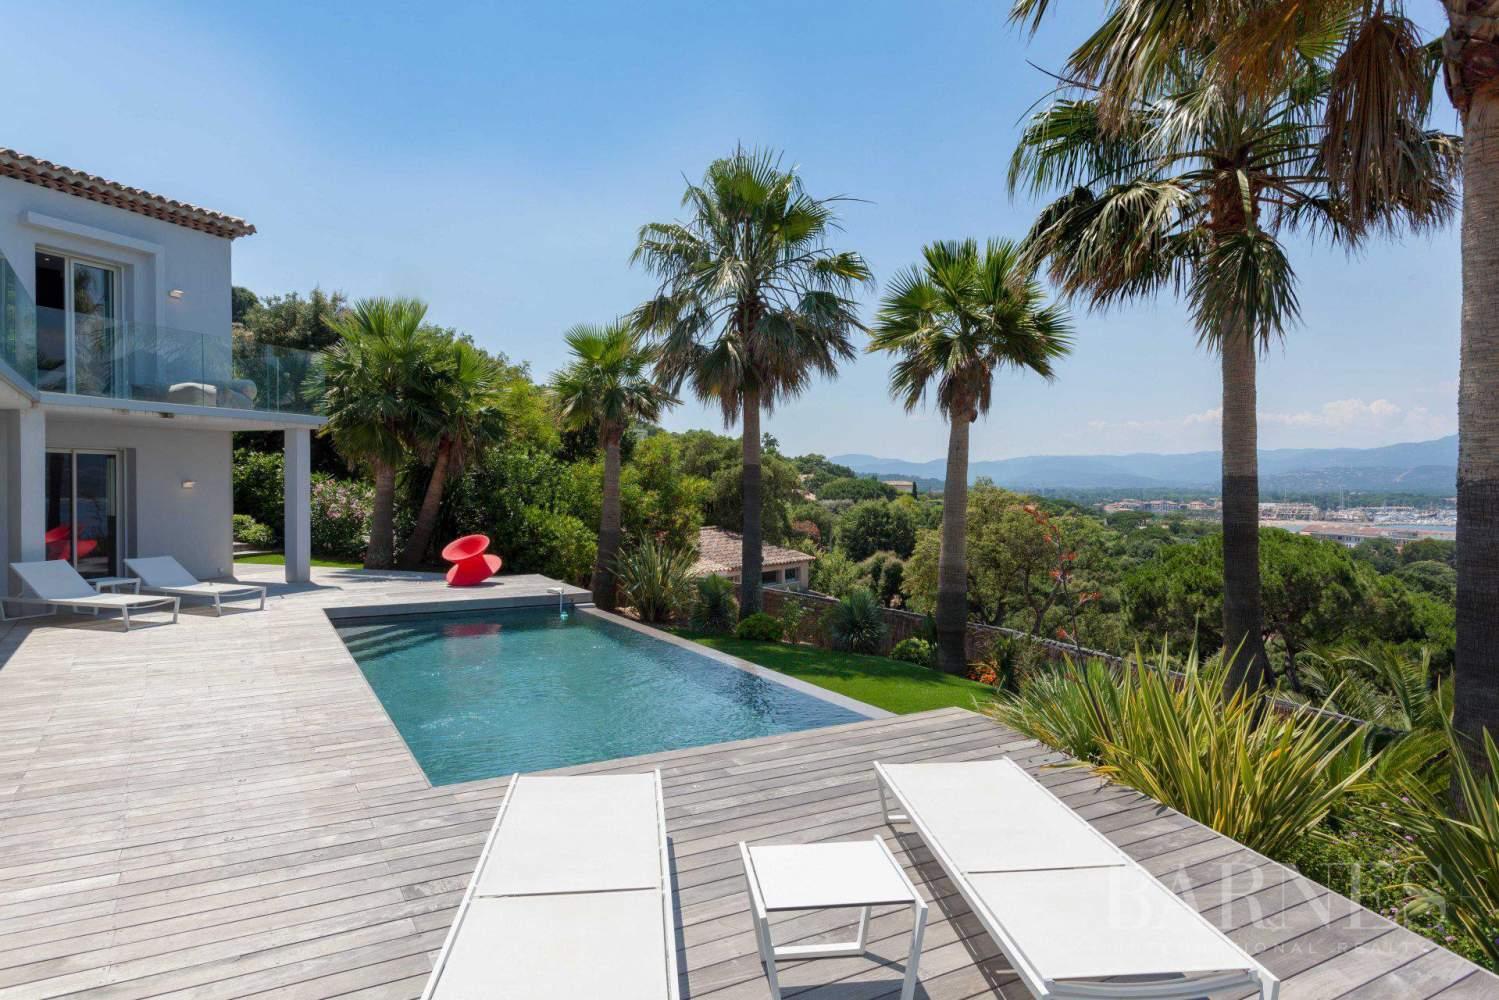 GASSIN - Maison contemporaine proche Saint-Tropez, vue mer picture 2